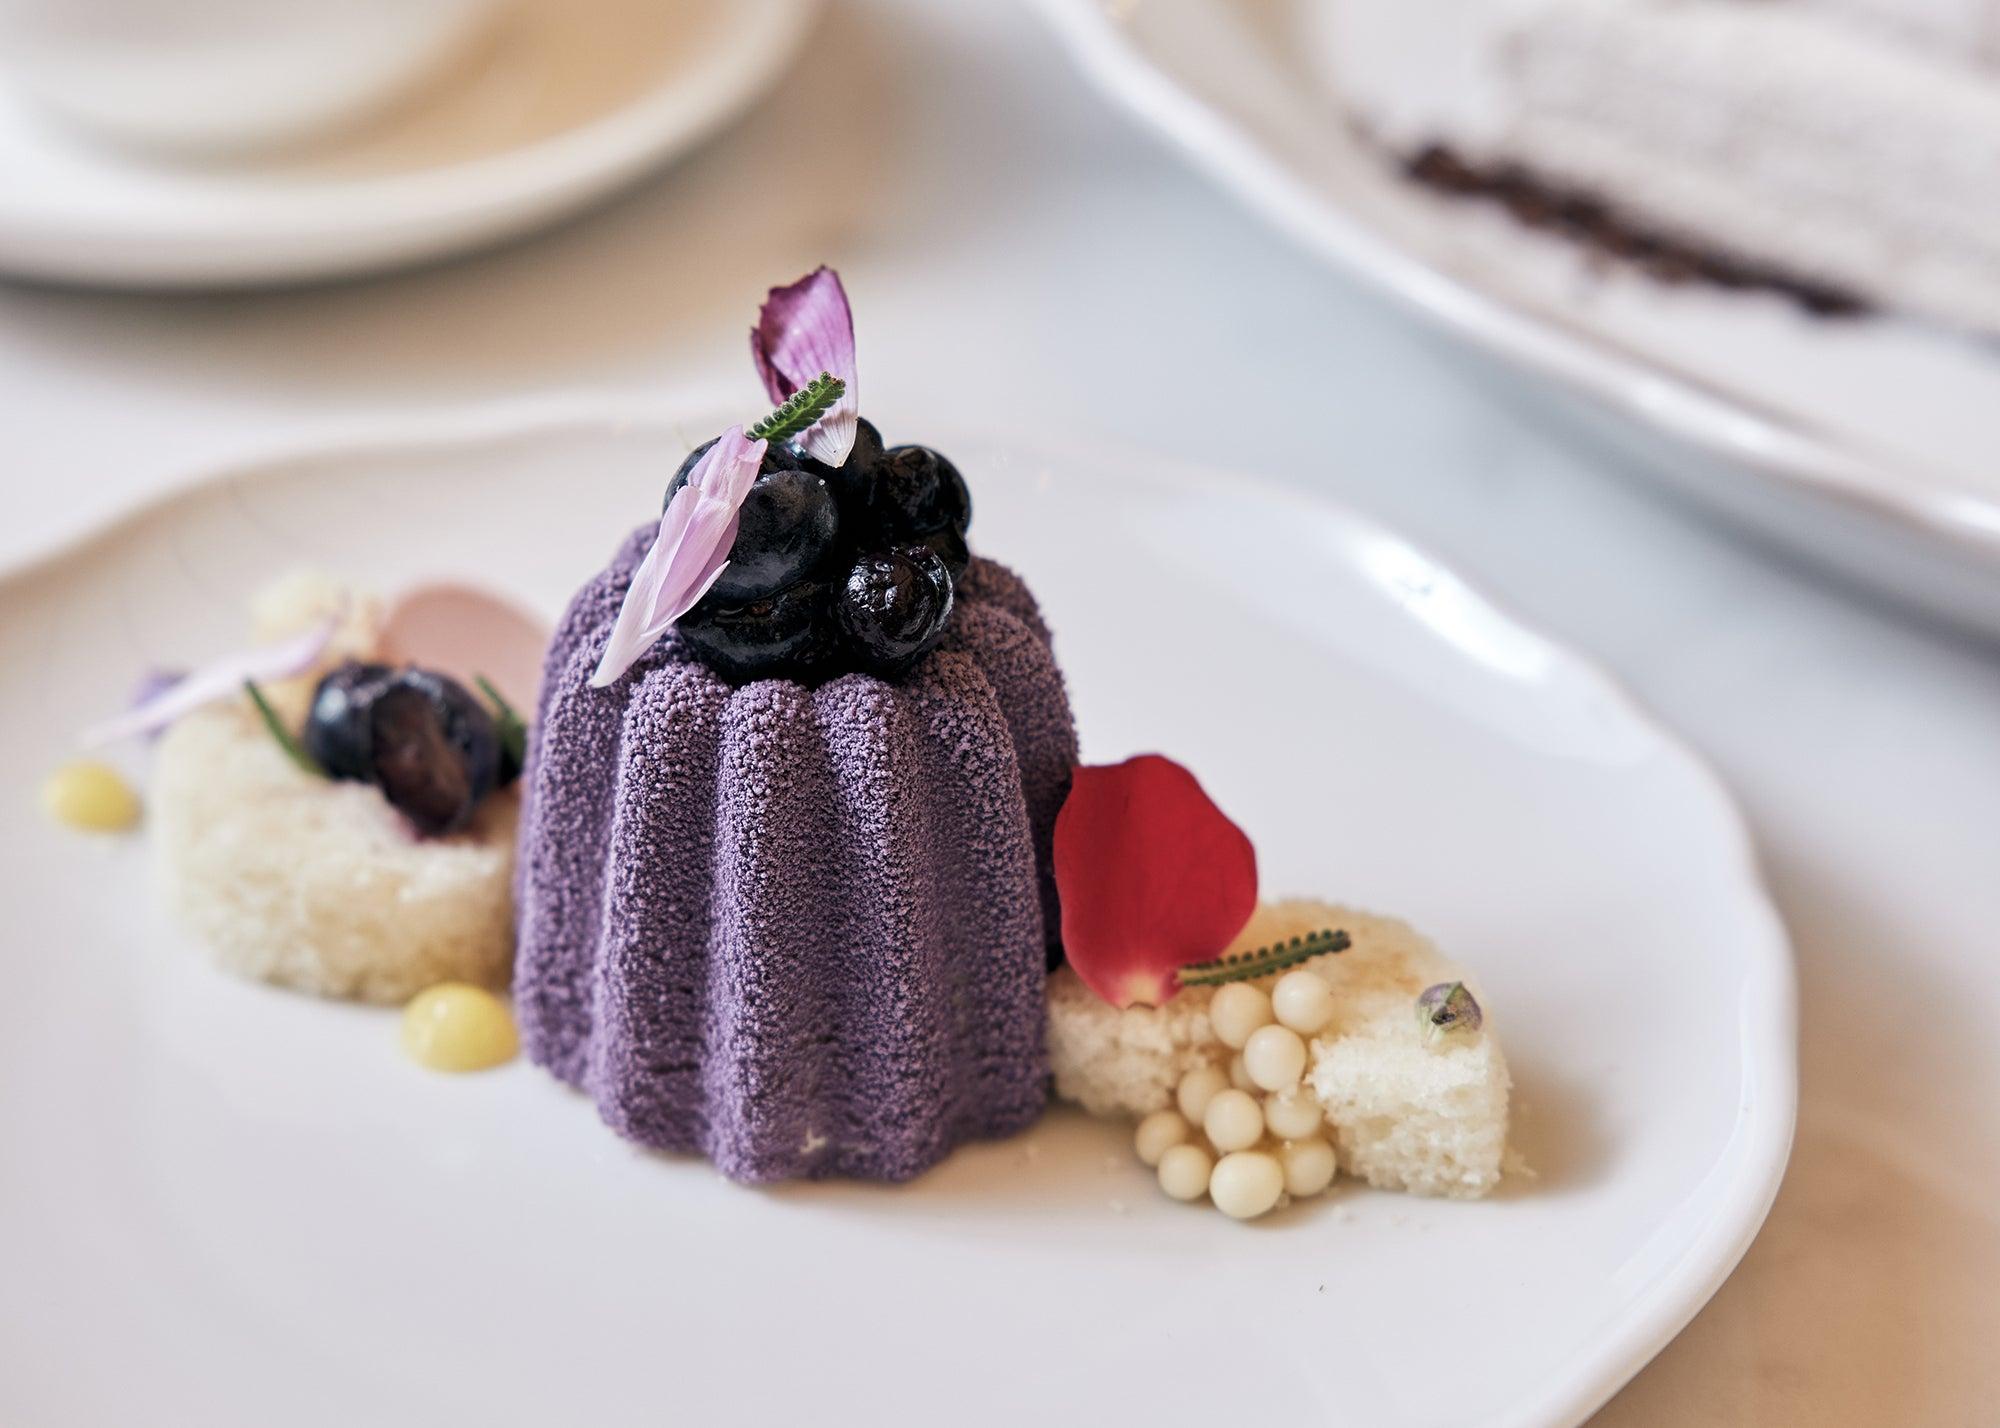 Dessert at Grana